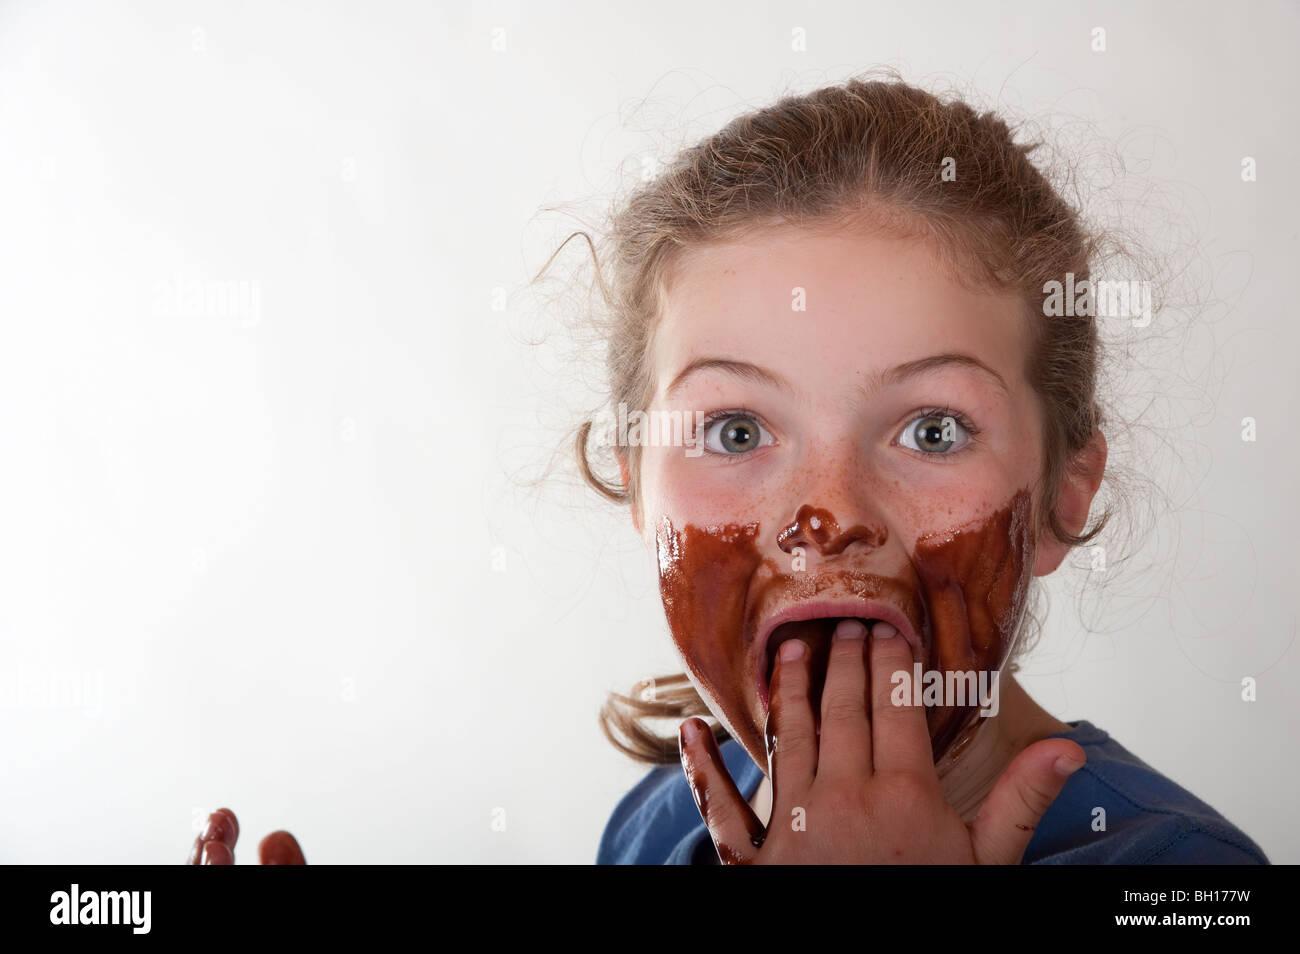 Niña sonriendo a través de cara cubiertas de chocolate Imagen De Stock